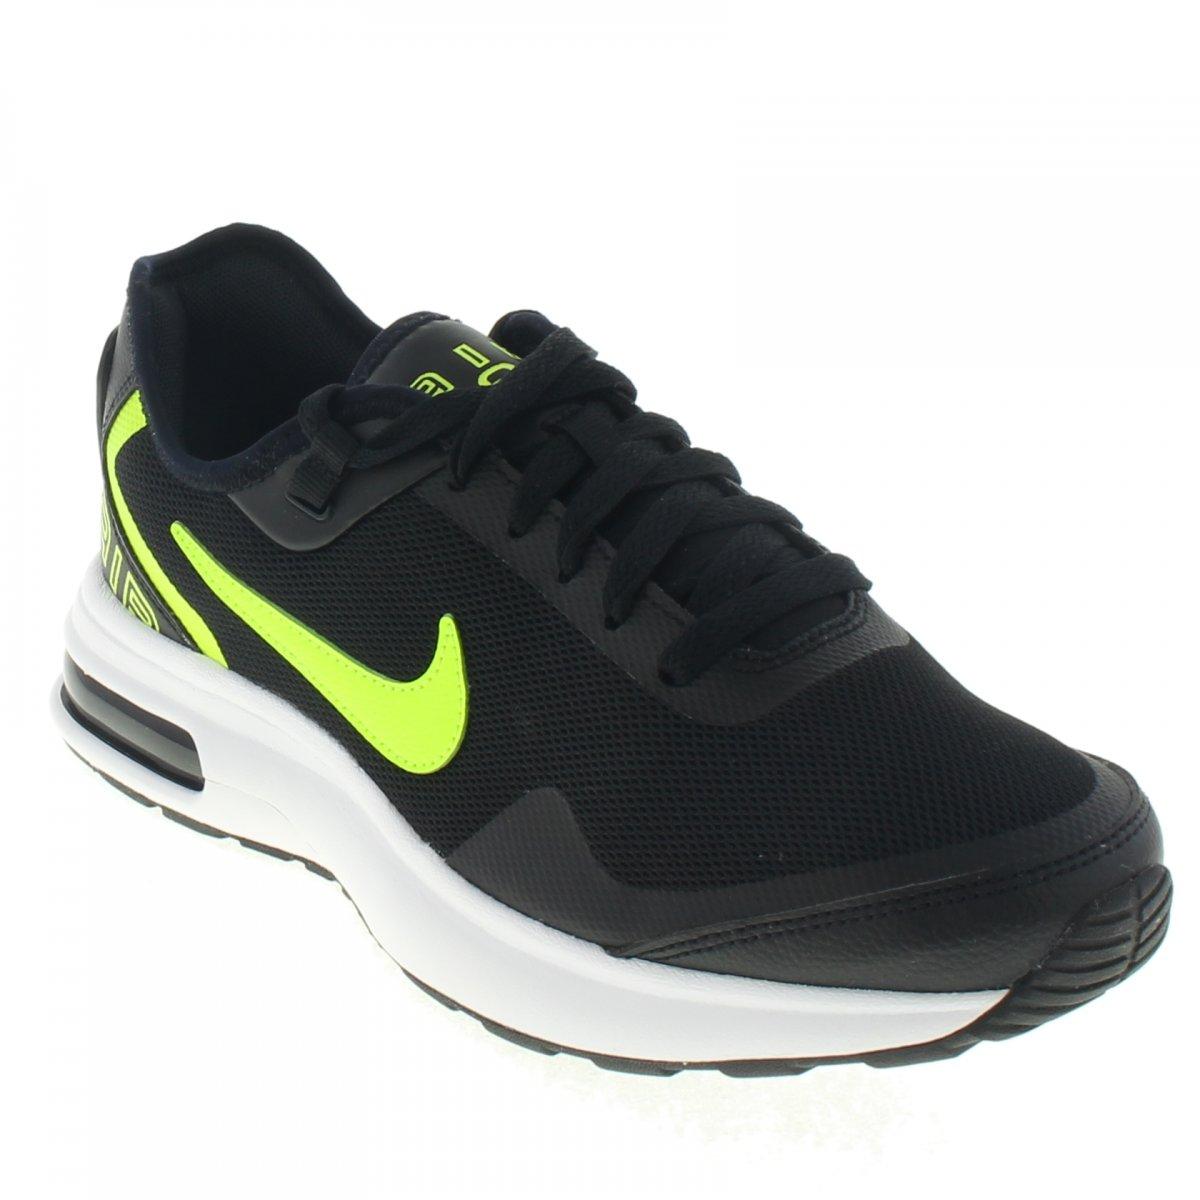 76523553b68 Tenis Nike Air Max lb Ah7336-003